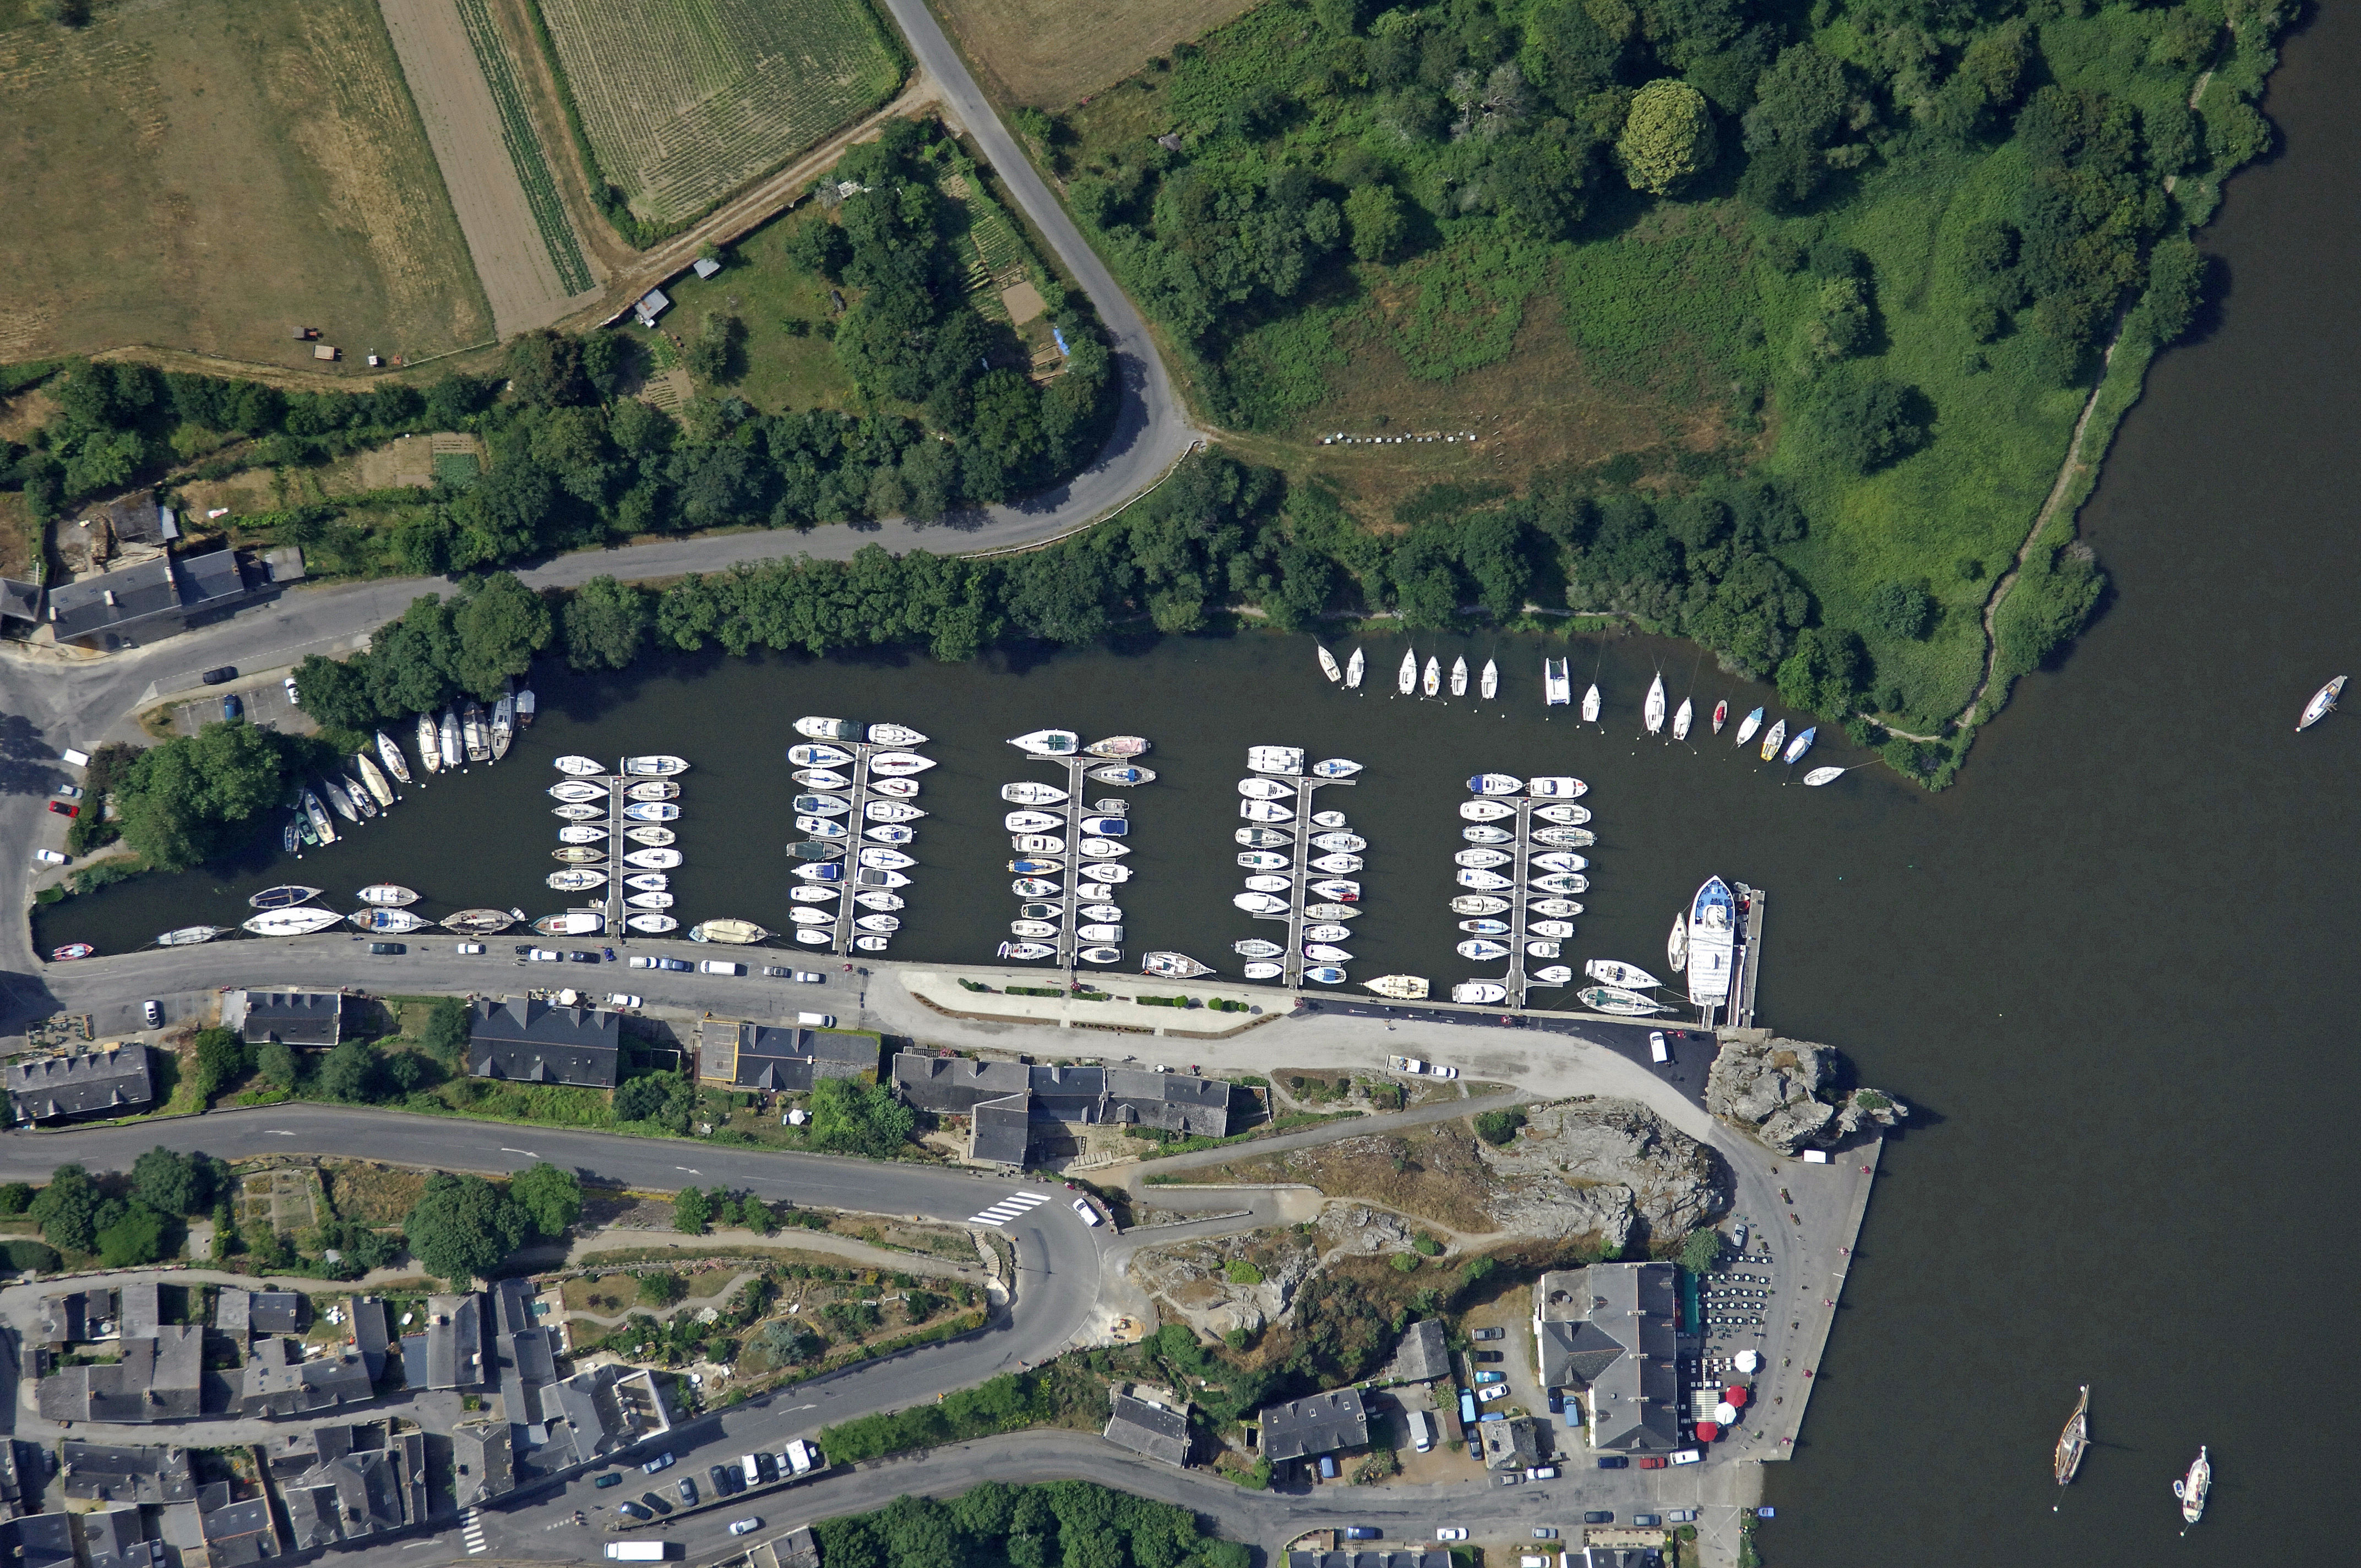 Port De Plaisance La Roche Bernard In La Roche Bernard Morbihan